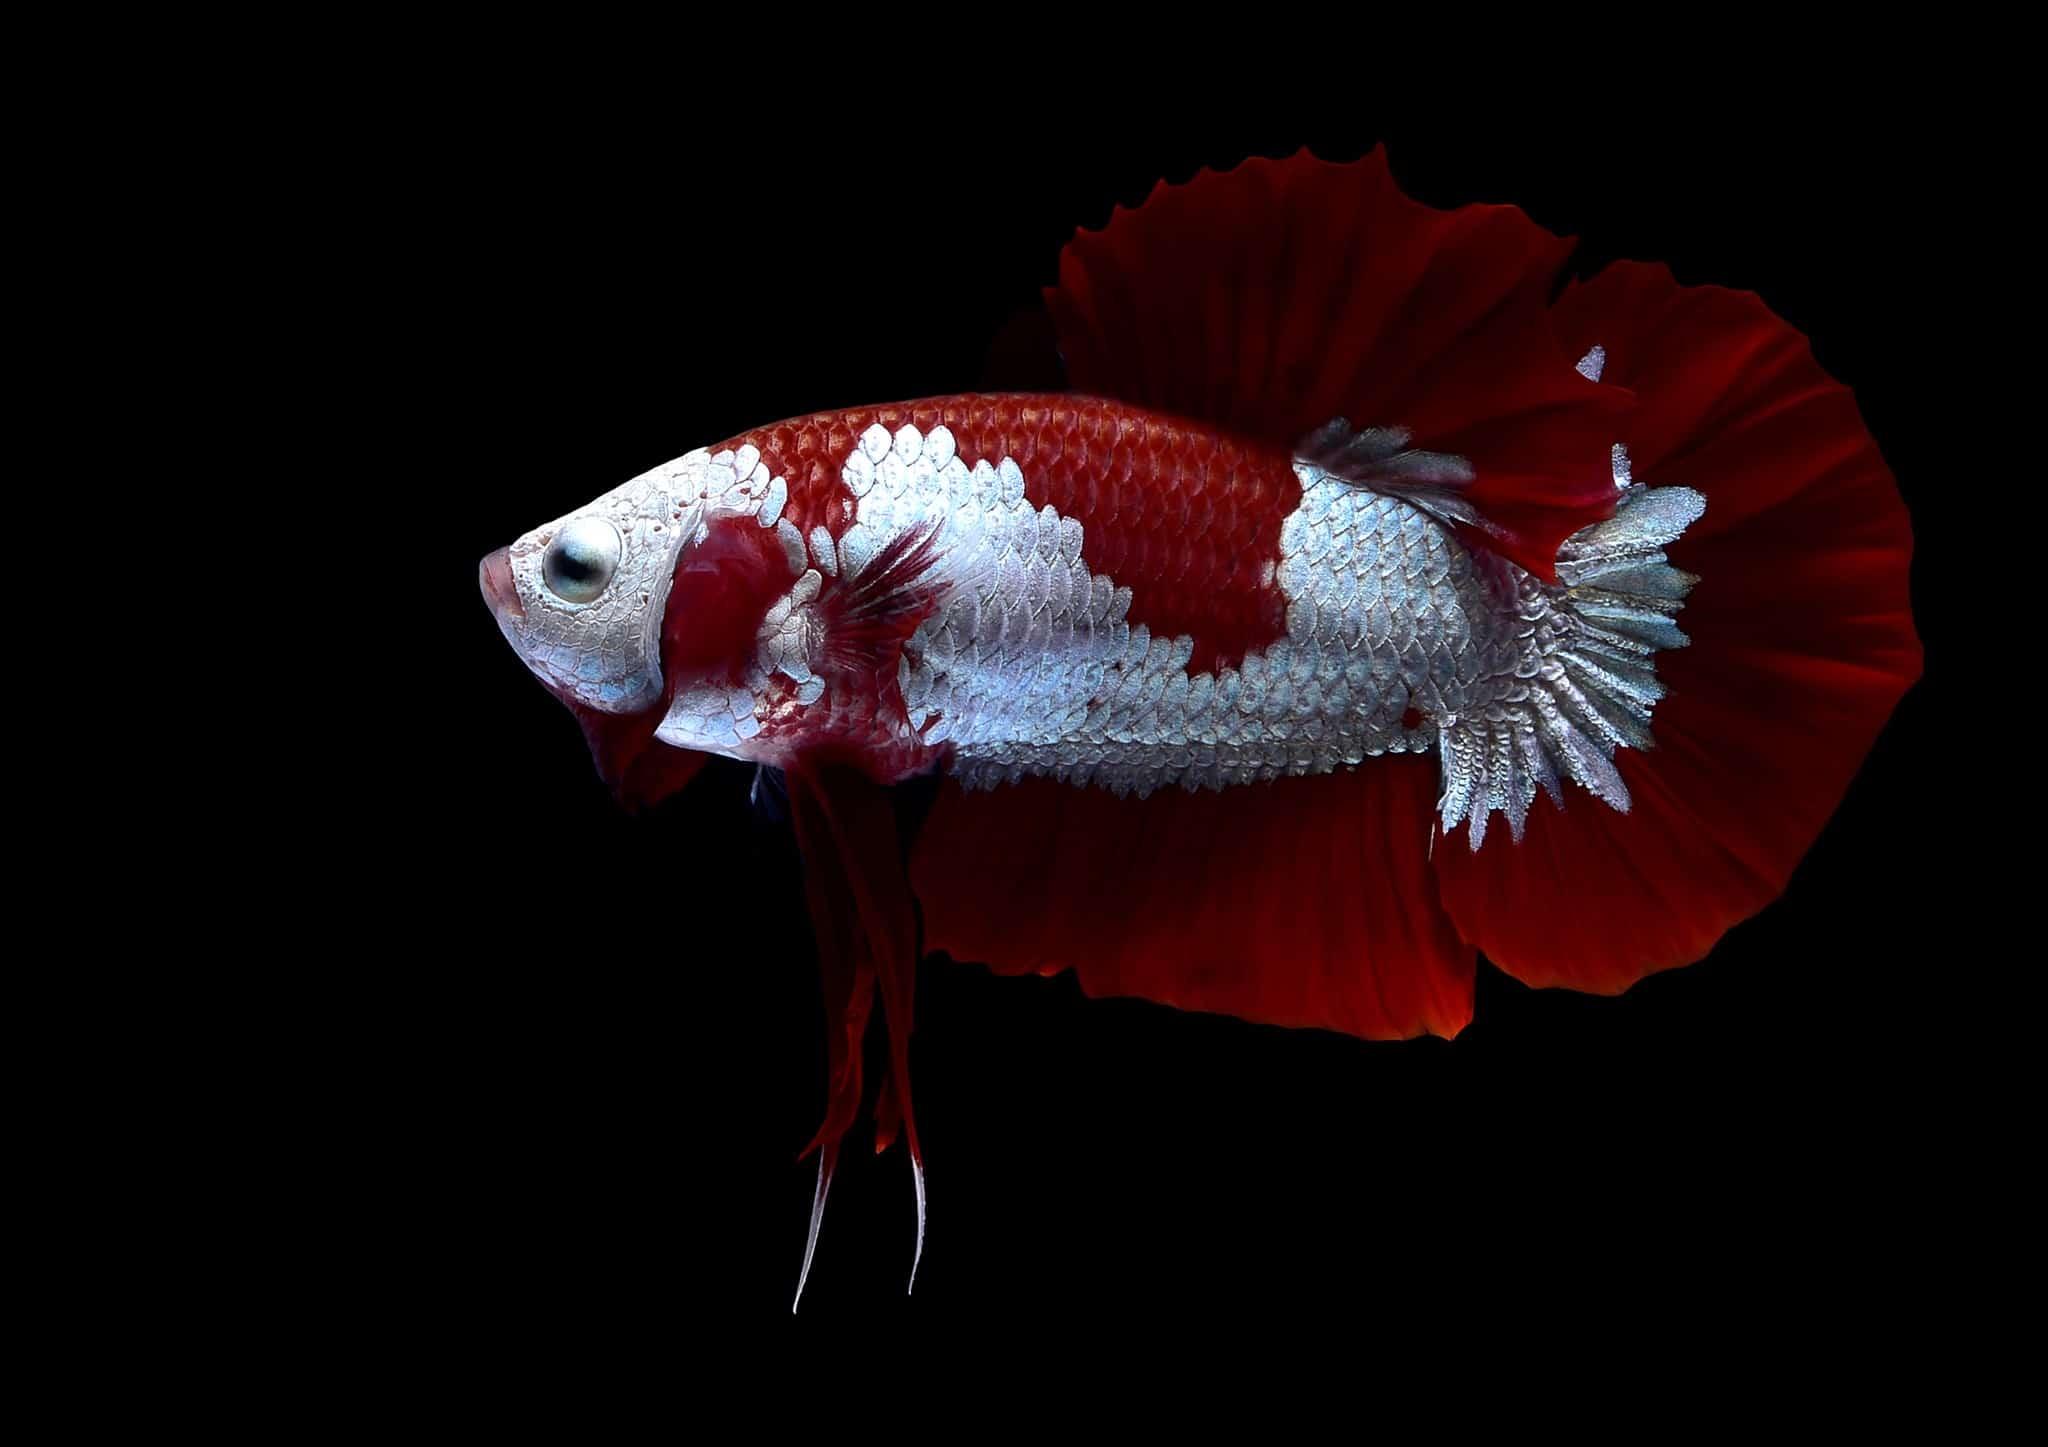 Red Samurai betta fish